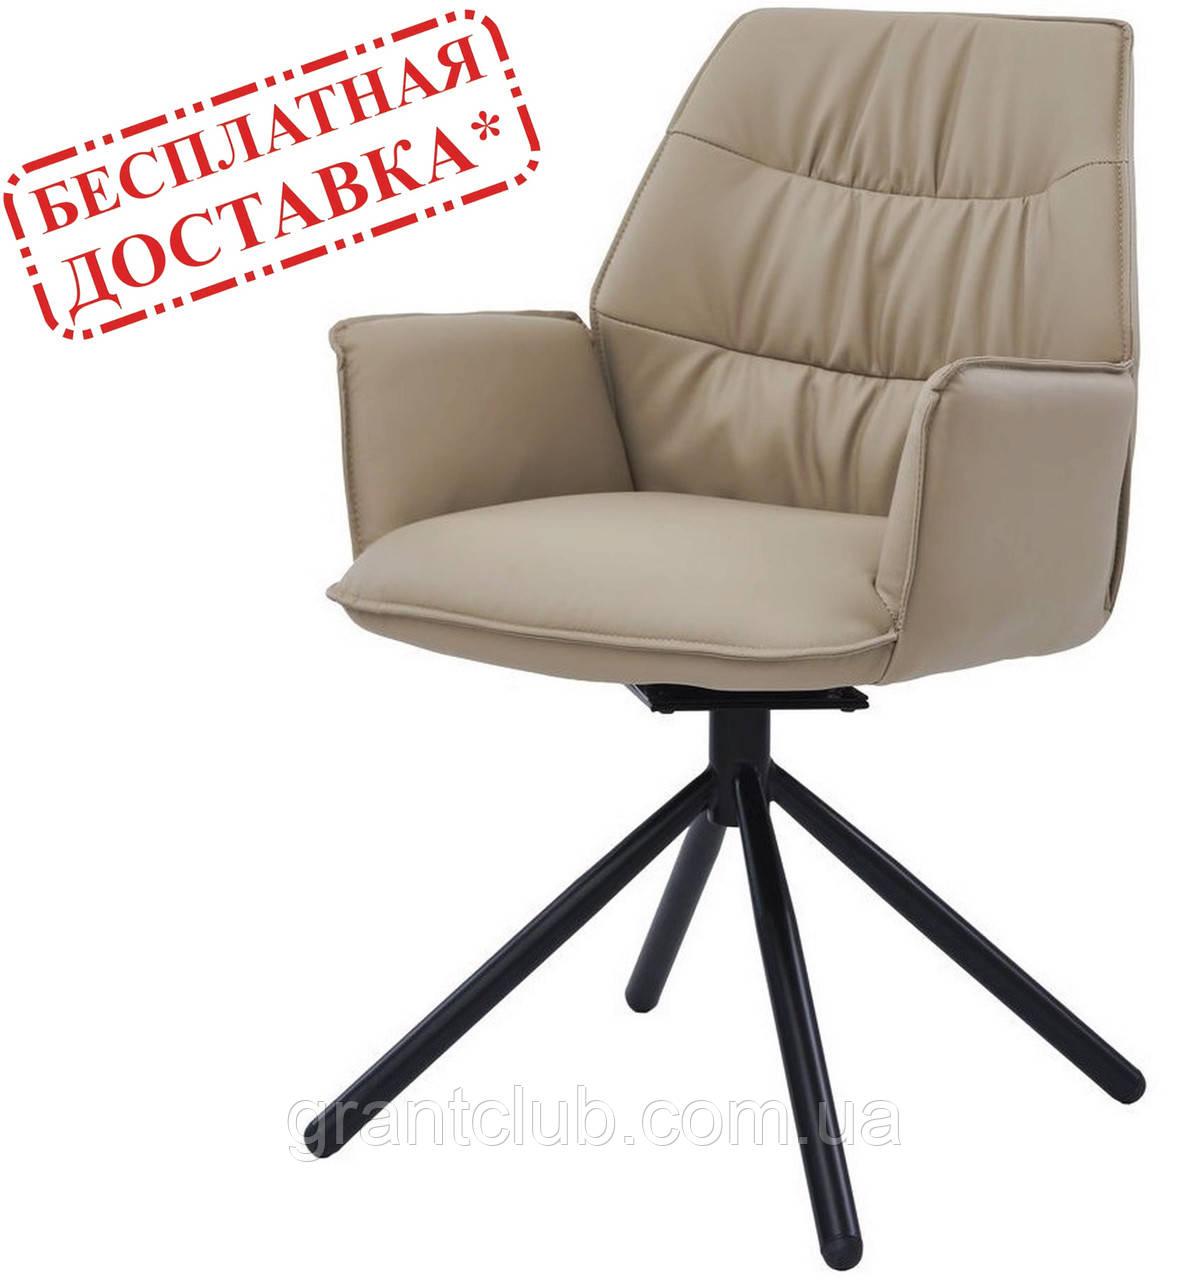 Кресло поворотное BOSTON бежевое Concepto (бесплатная доставка)